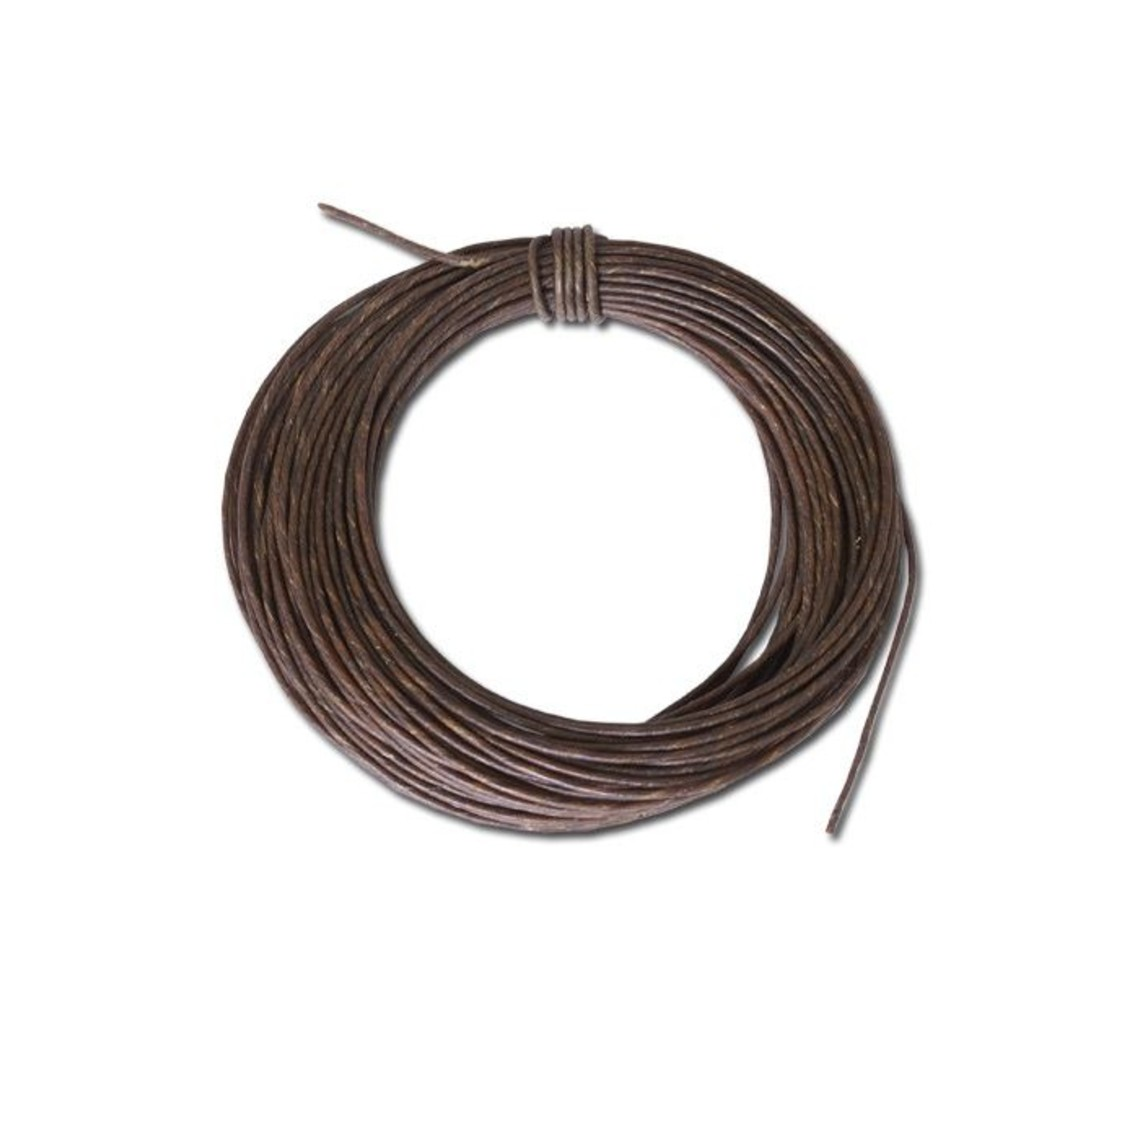 Cinturino in rawhide 1,75 mm, prezzo al metro